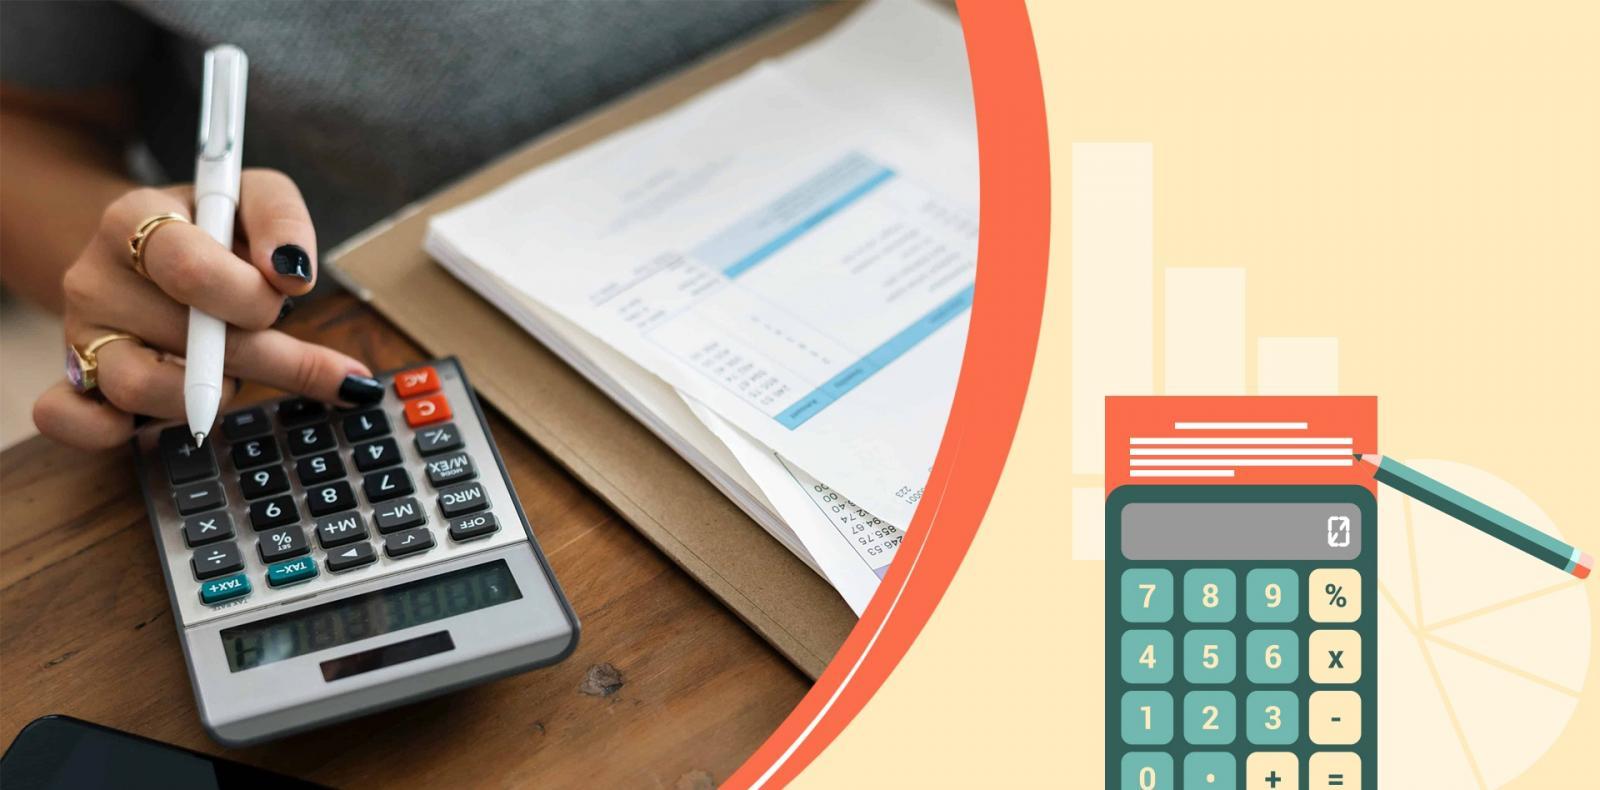 Tính toán, dự trù ngân sách xây dựng